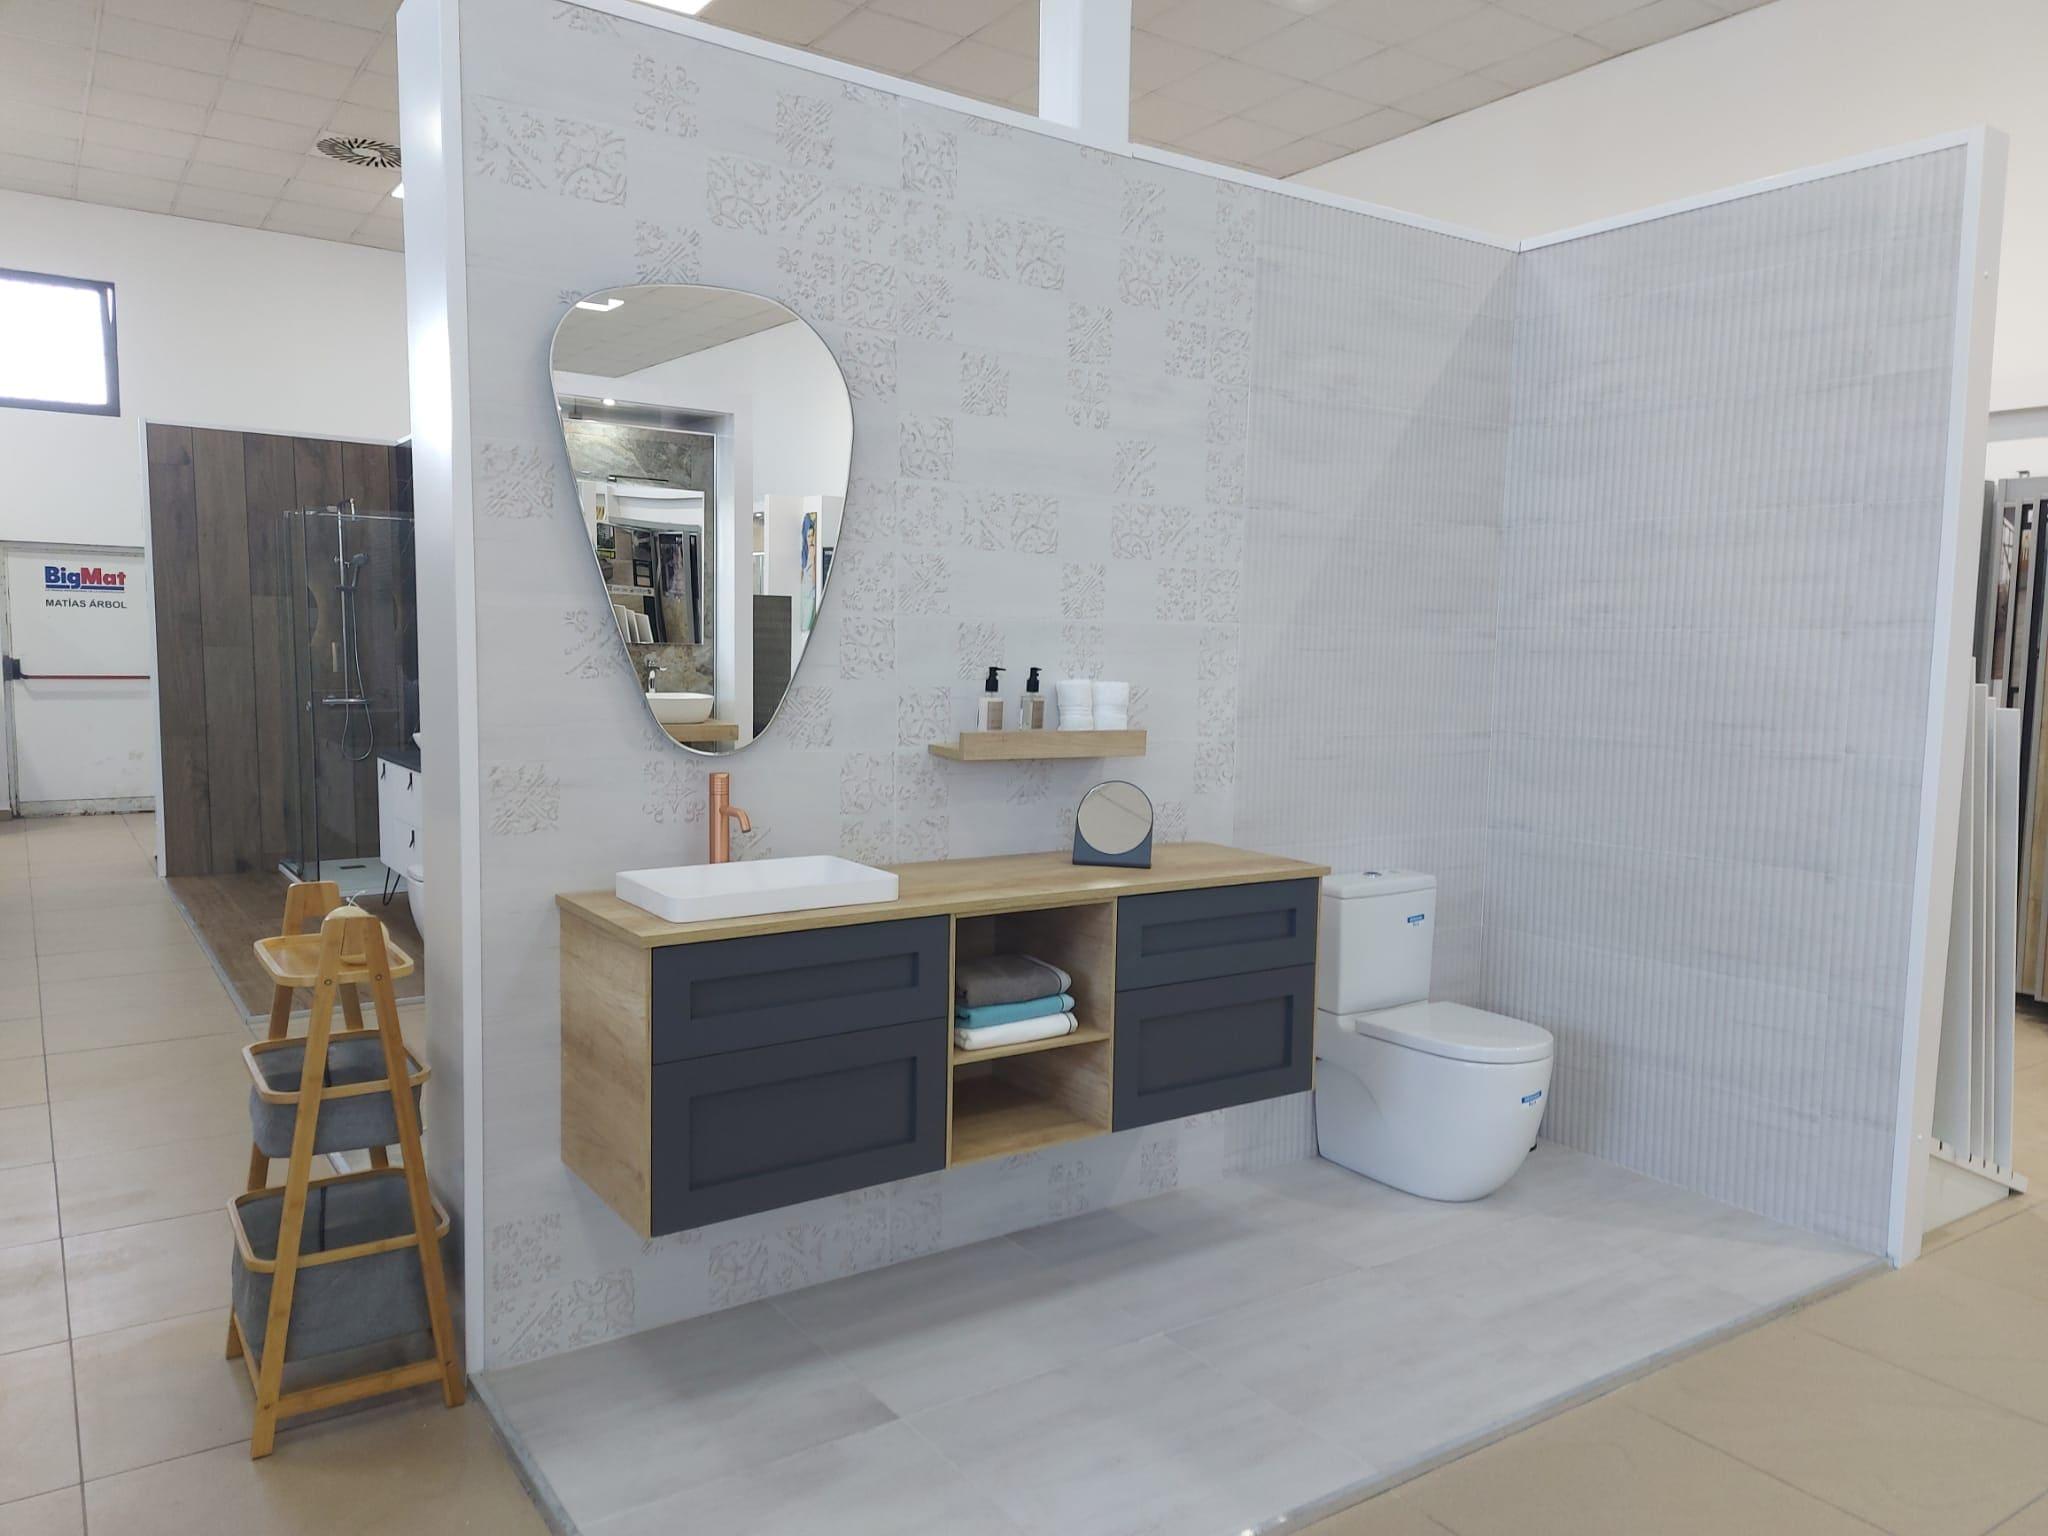 exposicion-bano-ceramica-azulejos-espejo-forma Exposición Azulejos Cerámica y Baño